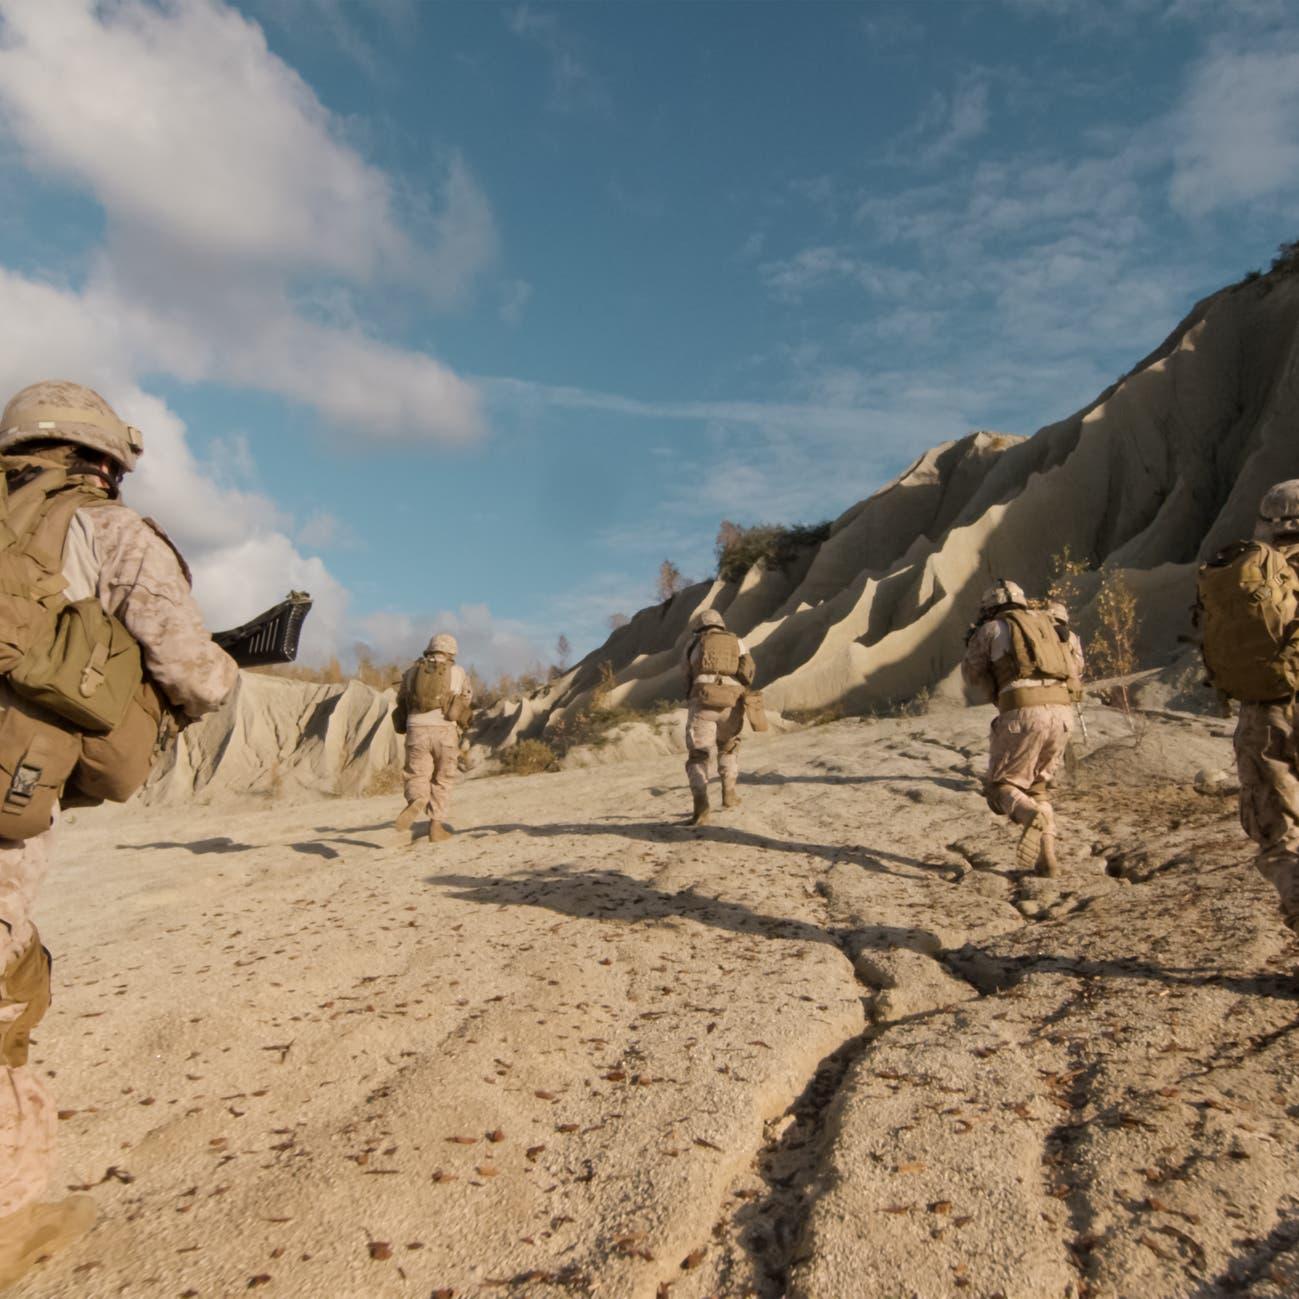 تطور سماعات عسكرية تحمي من صوت القنابل وتحدد اتجاه العدو